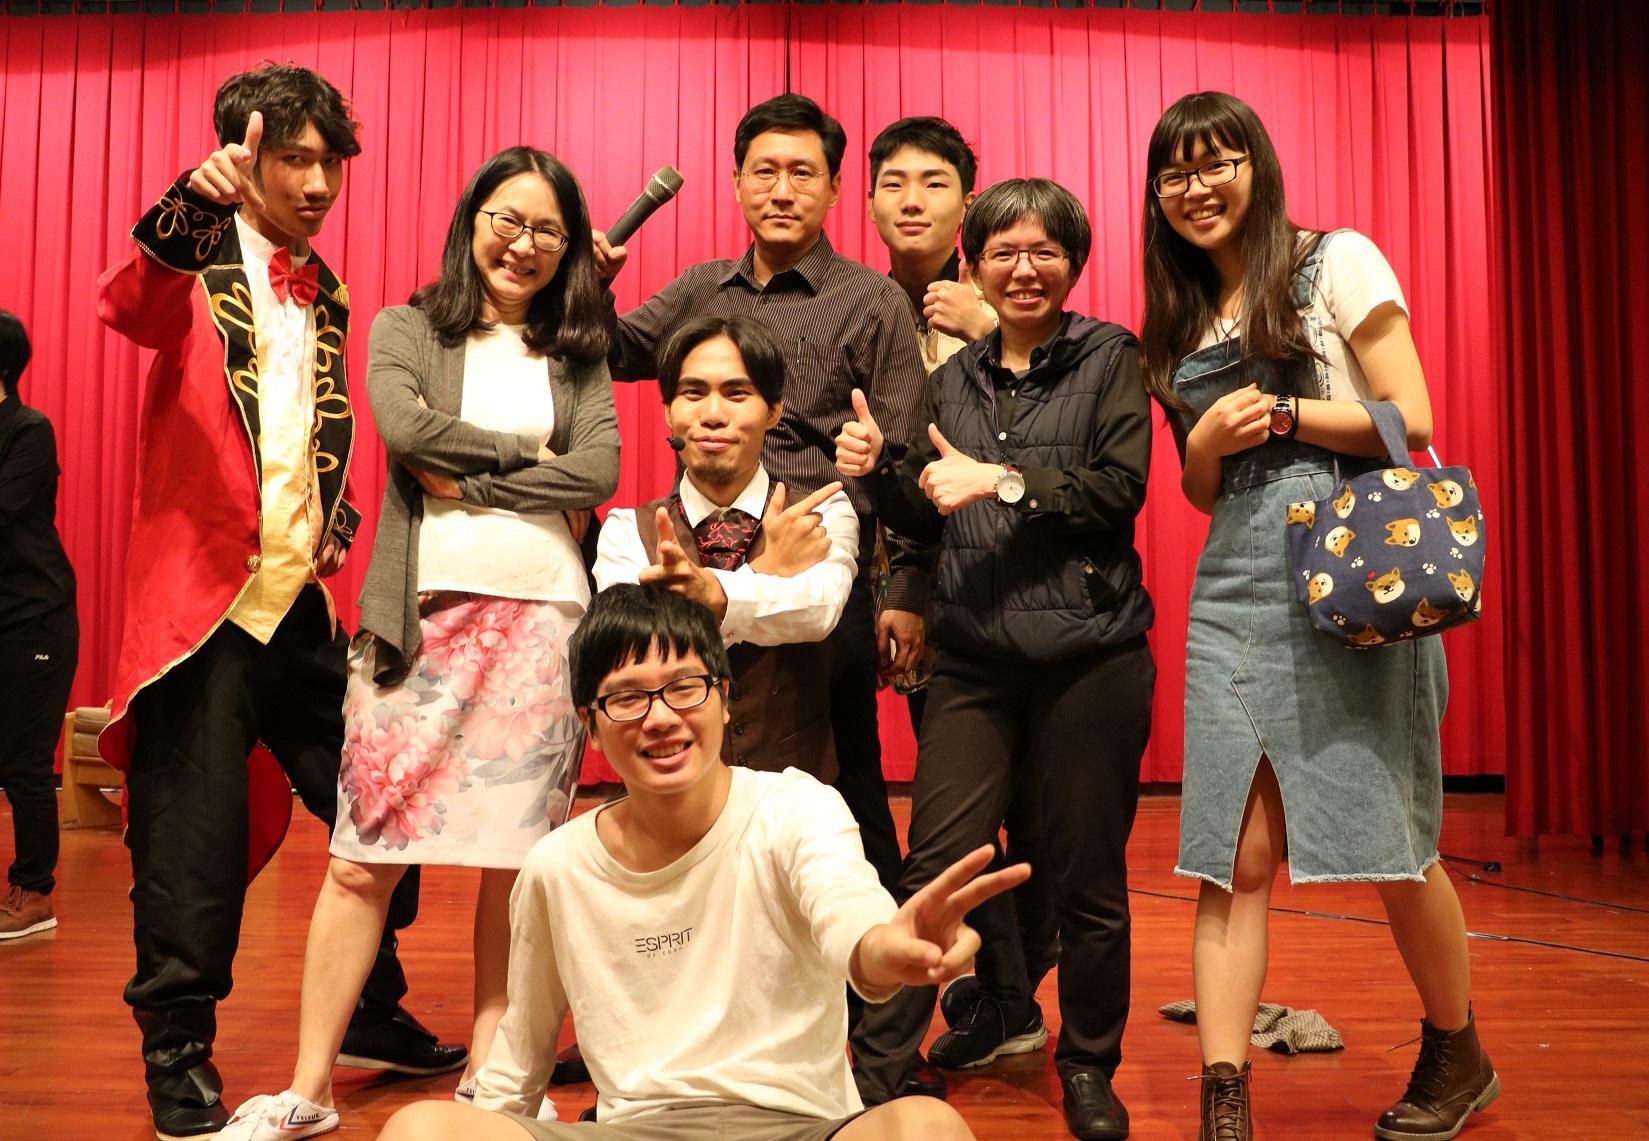 通稿照片-中原大通識中心副教授張浩(後排中)的「一起來玩音樂劇」,帶領學生玩出西洋經典名劇。.jpg